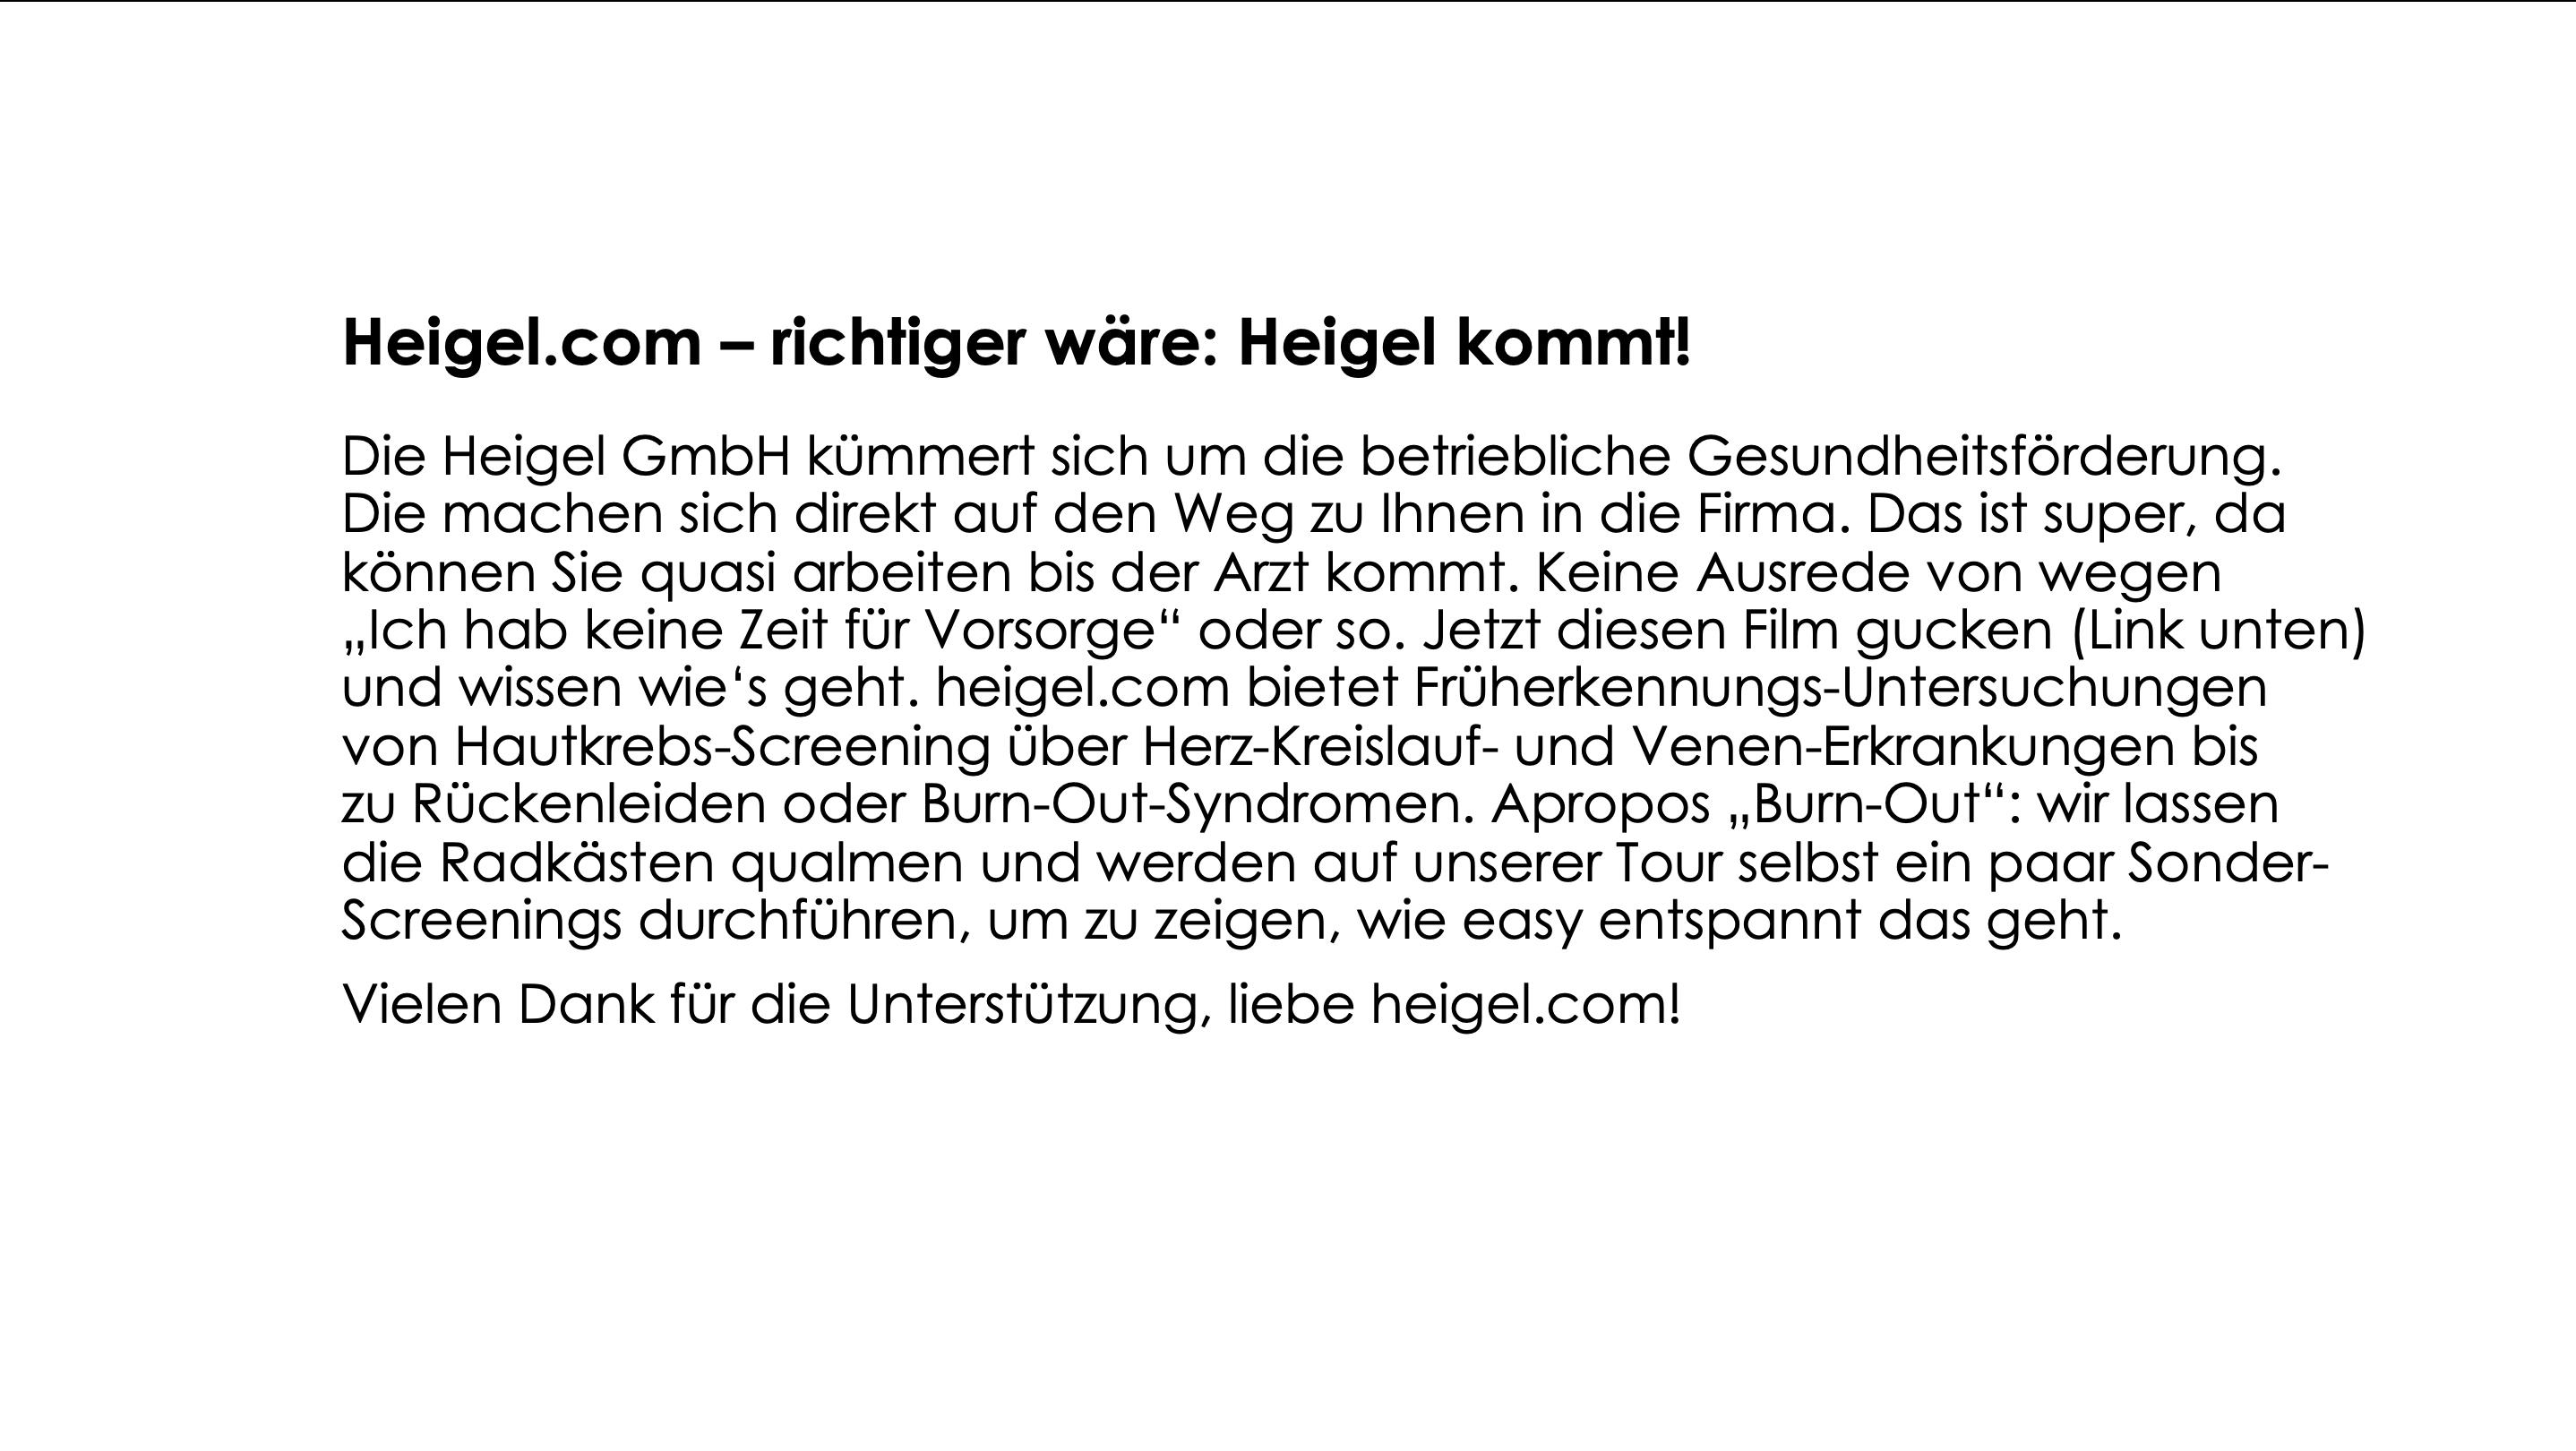 heigel.com